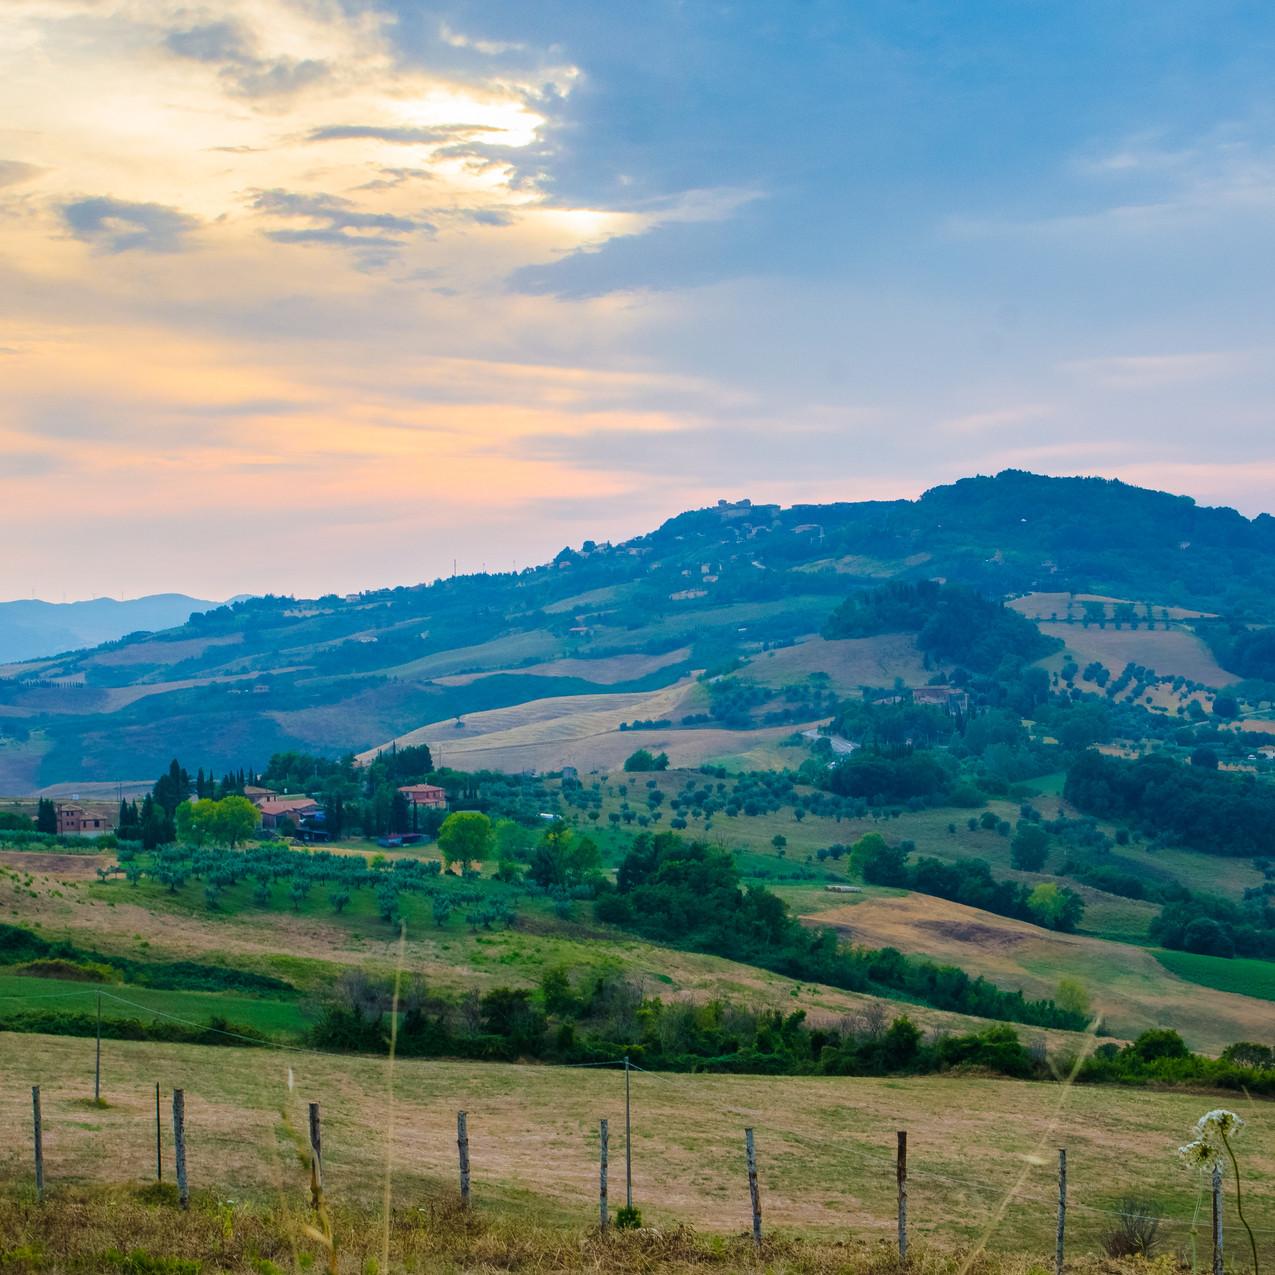 Montegemoli Pomarance. July-August 2018.